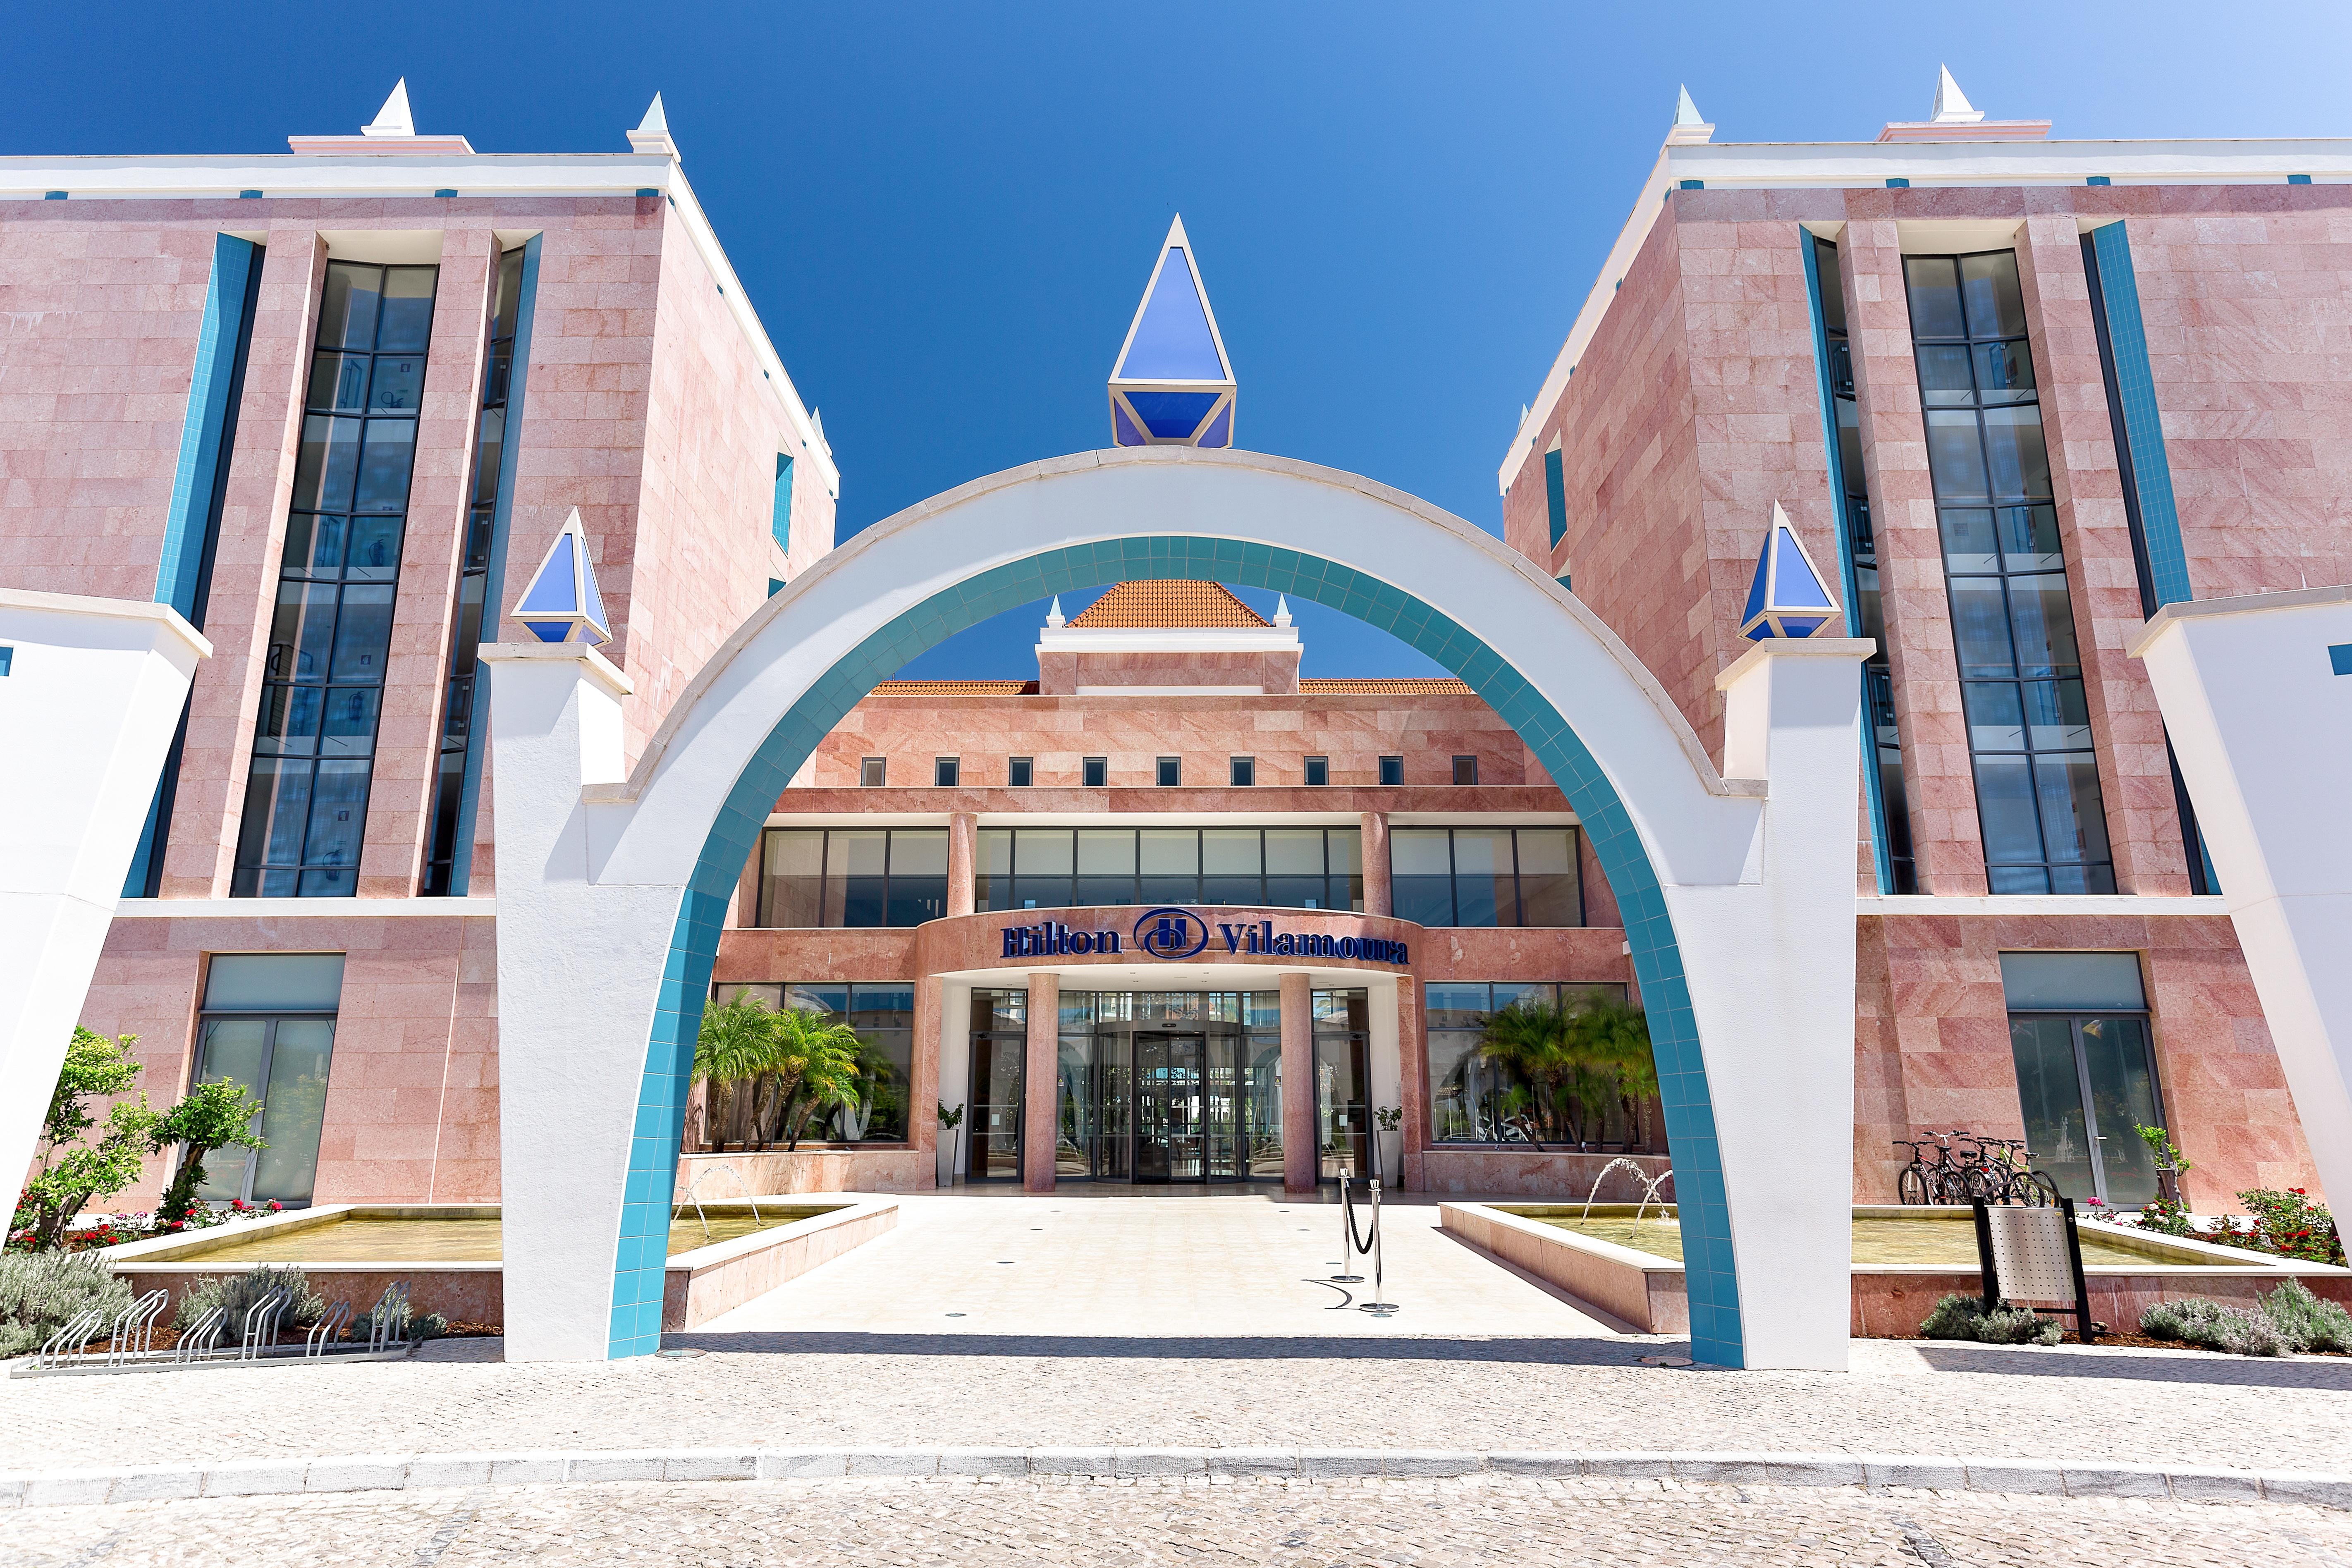 Hilton Vilamoura een goed hotel met een excellente spa om een weekje te ontspannen in de Algarve